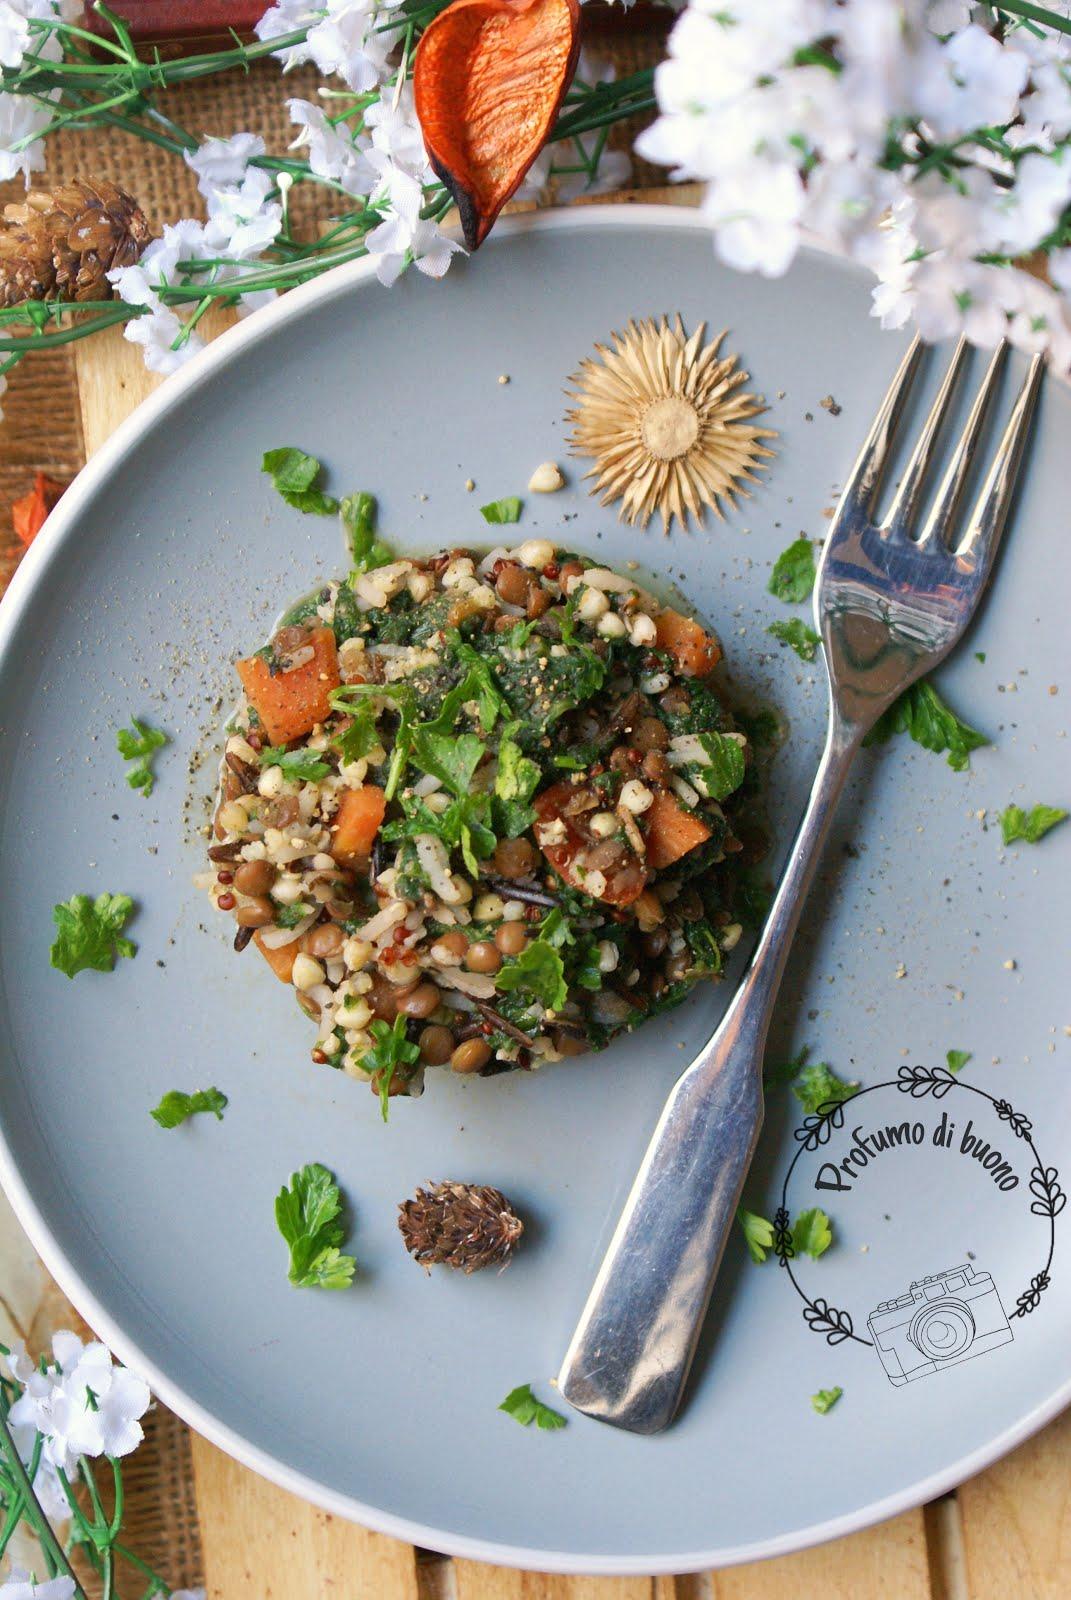 Insalata tiepida di cereali, lenticchie e spinaci